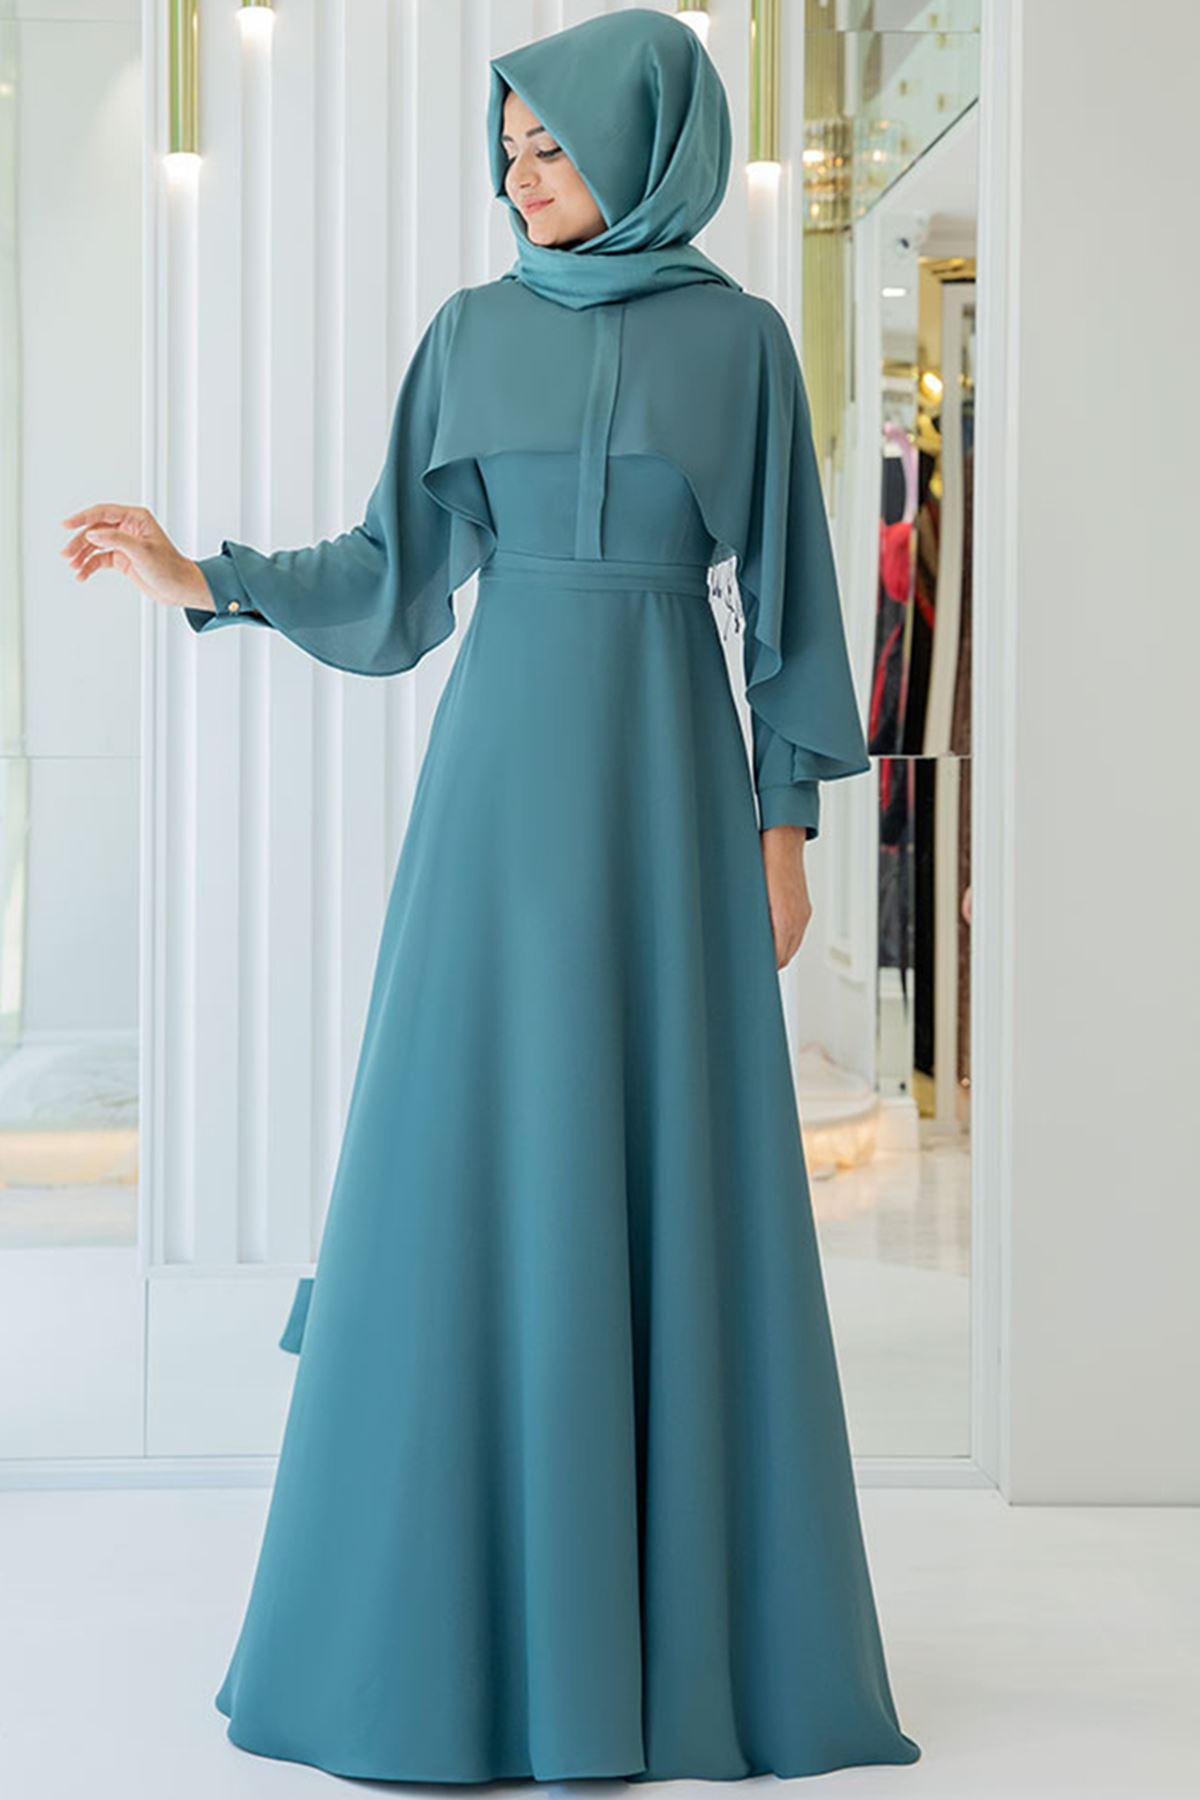 Pınar Şems Hilal Elbise Mint Yeşili